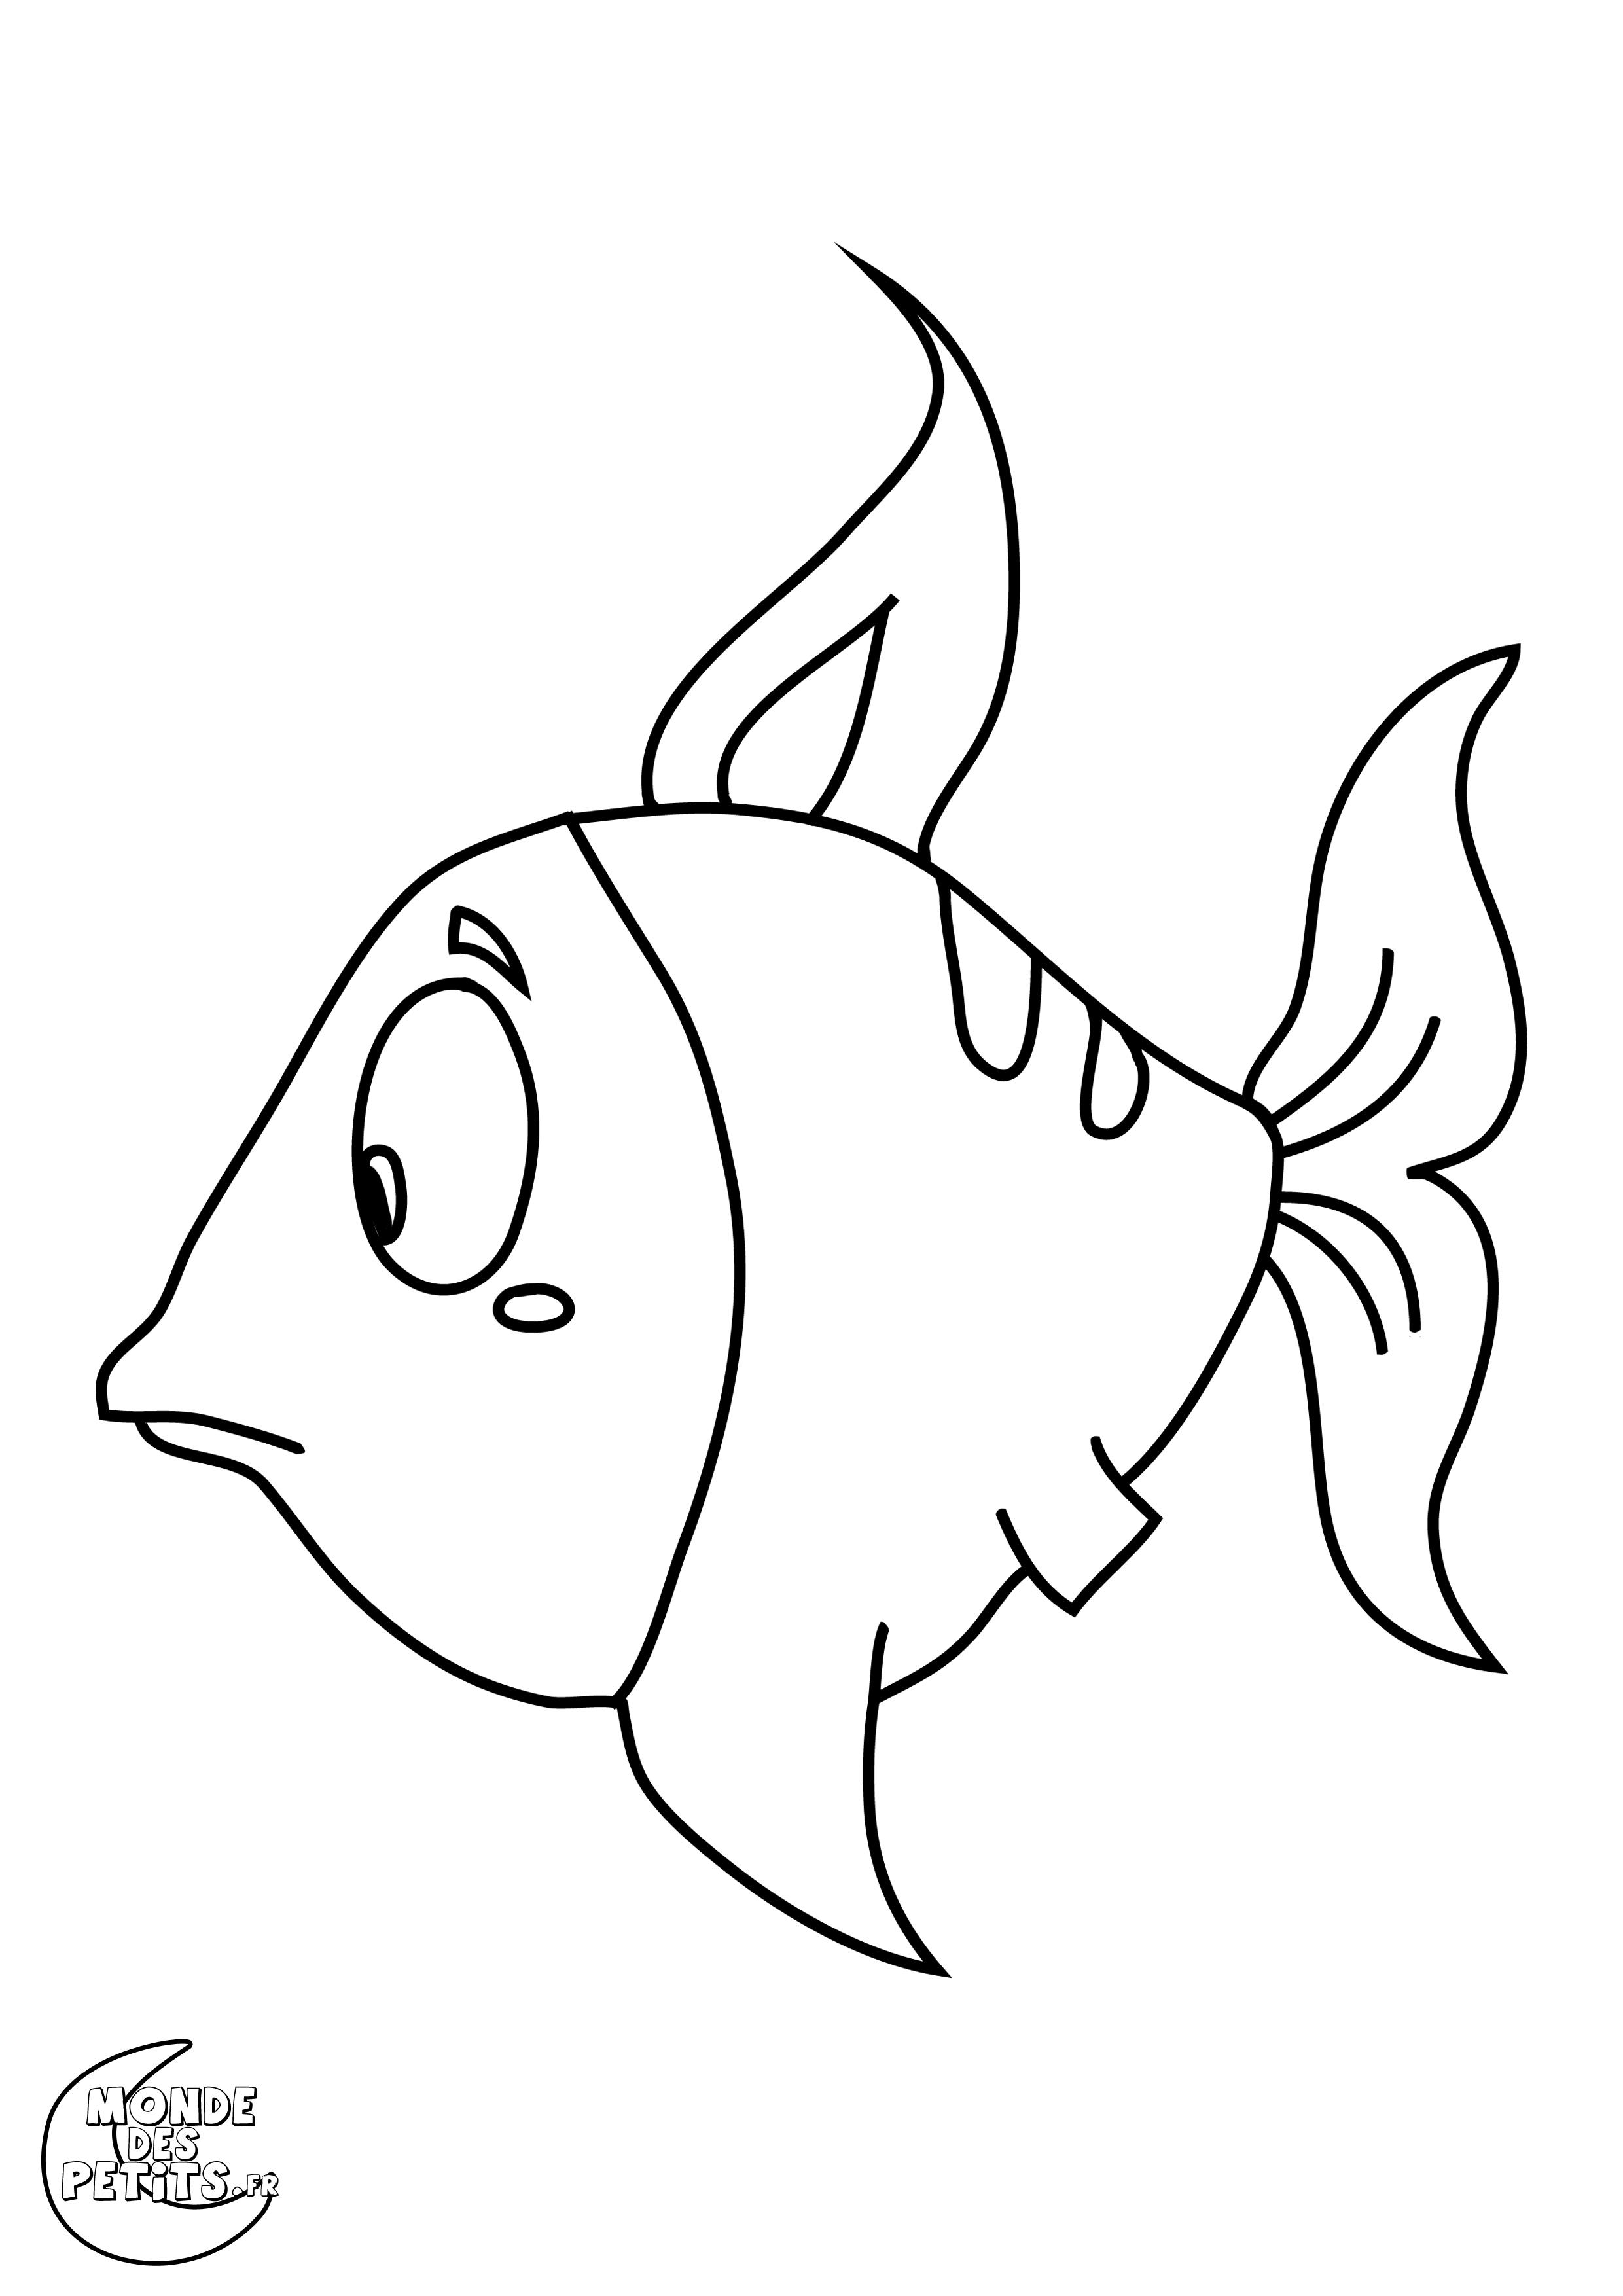 Monde des petits coloriages imprimer - Dessin de poisson ...